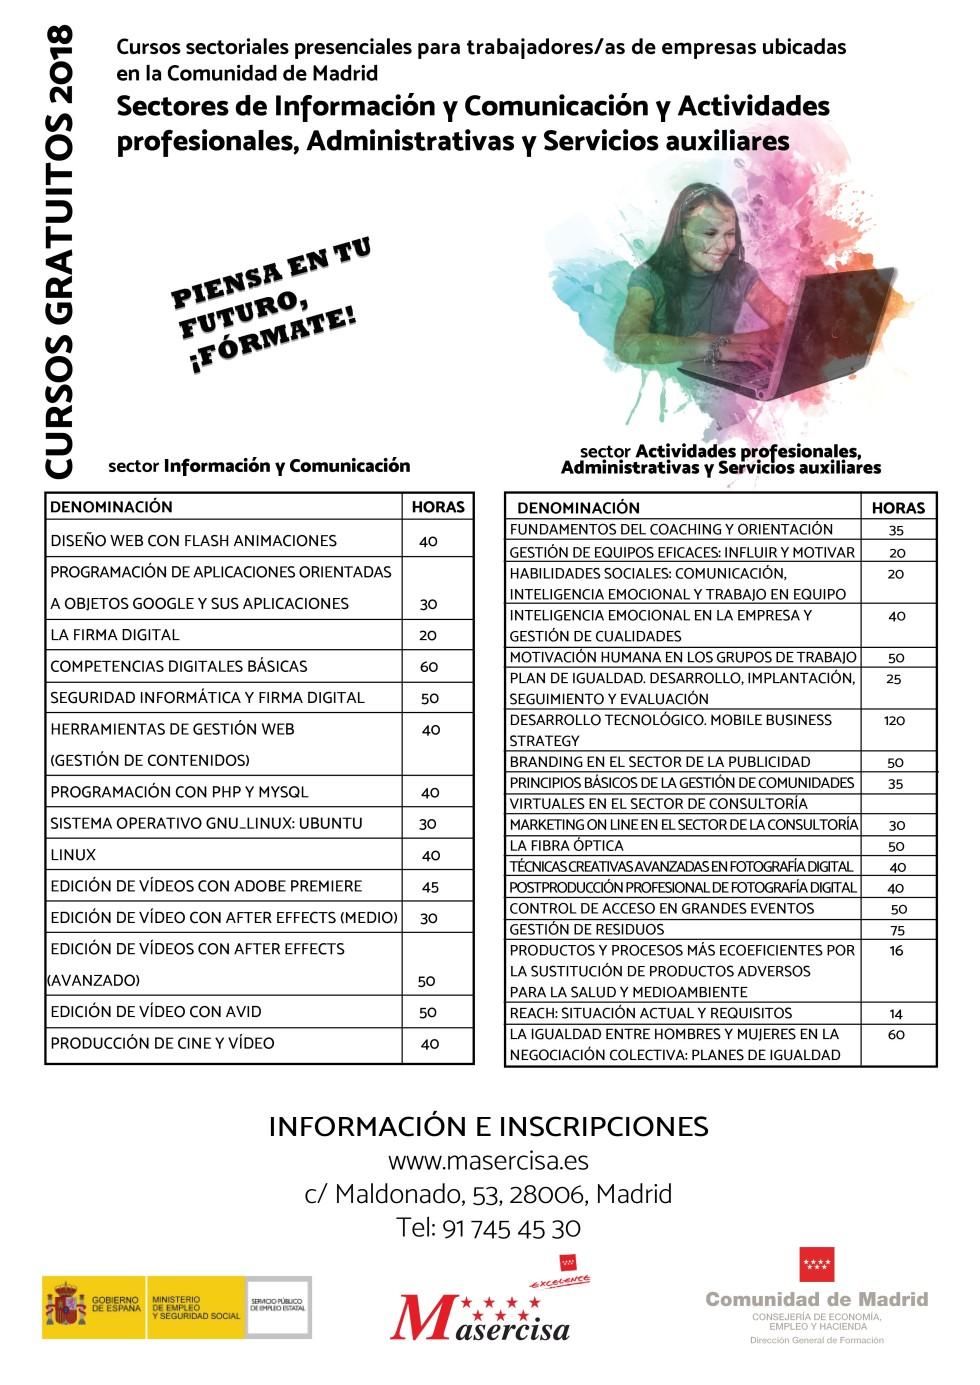 Cartel Planes Madrid. MASERCISA. Inform. Comu. y Act. prof. Admin. y S.auxiliares.jpg